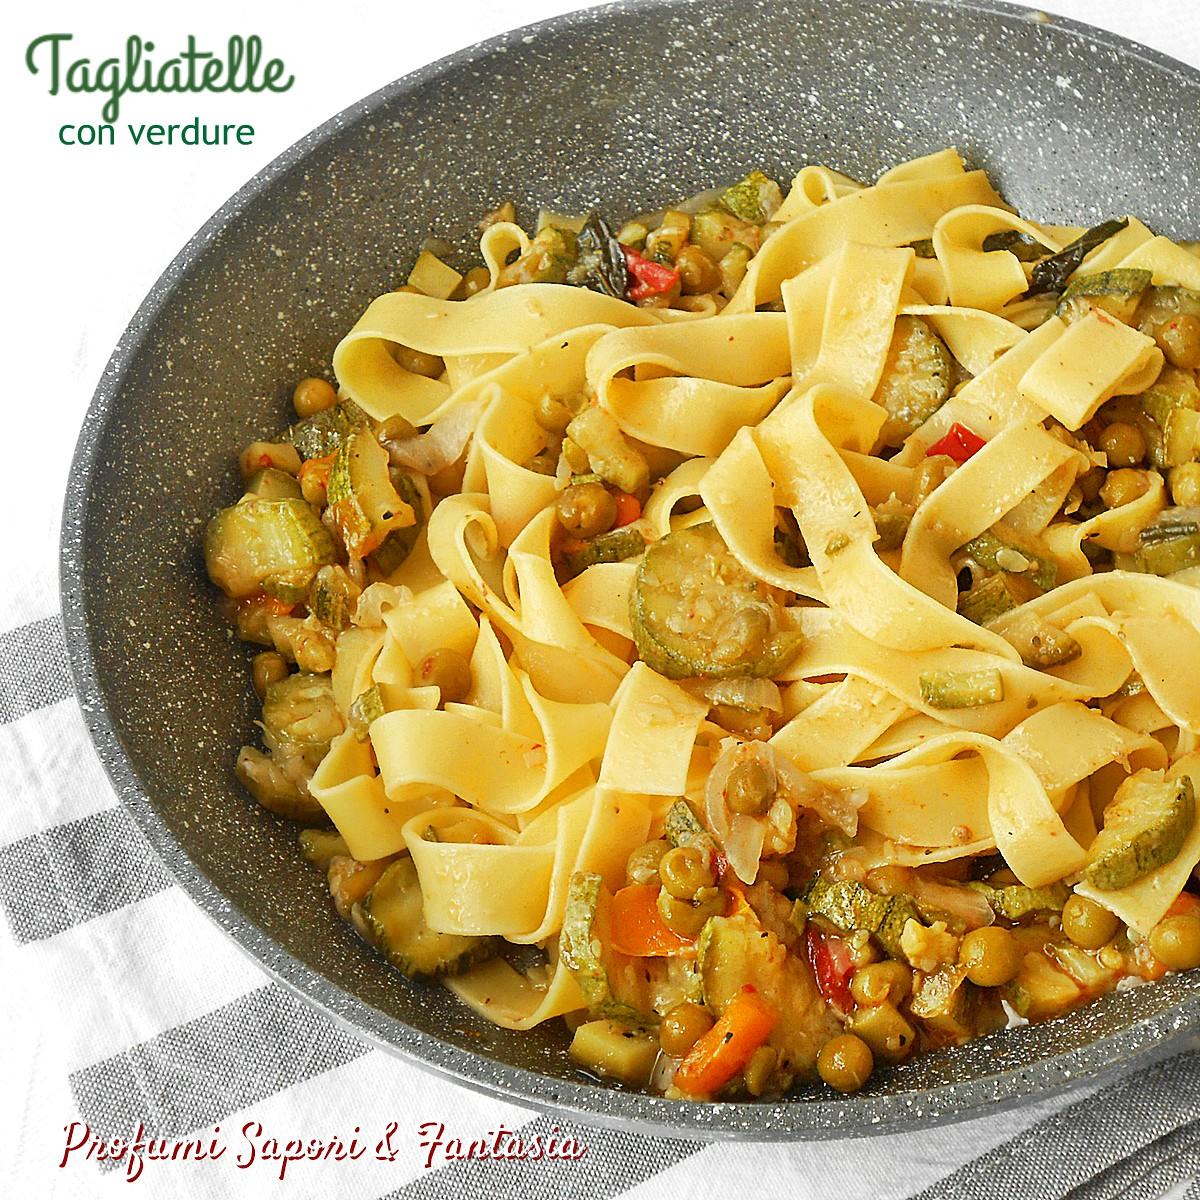 Tagliatelle con verdure ricetta veloce profumi sapori for Ricette pasta veloci